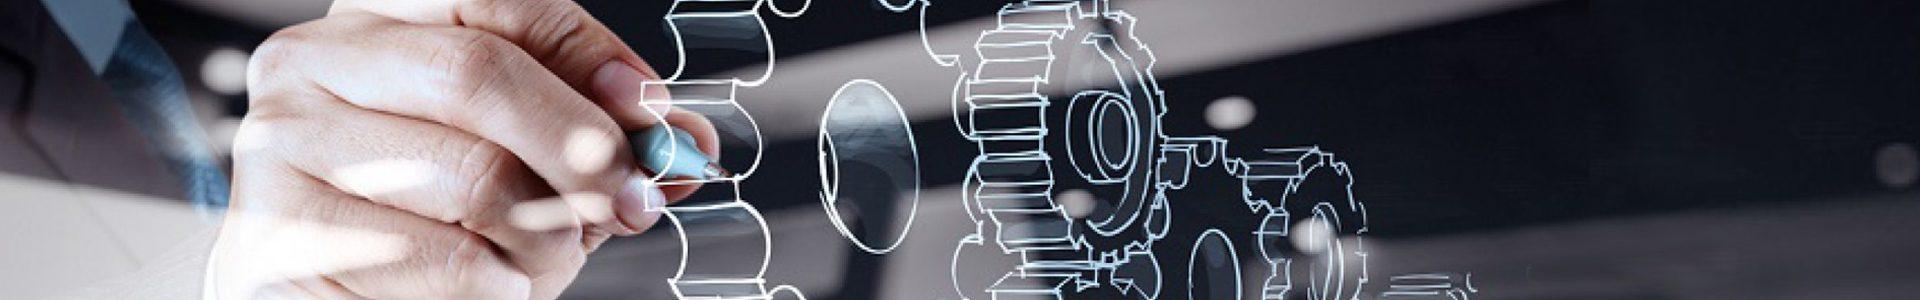 http://oiltech.com.ar/wp-content/uploads/2020/06/UNIDADES-DE-NEGOCIO-1920x300-1-1920x300.jpg